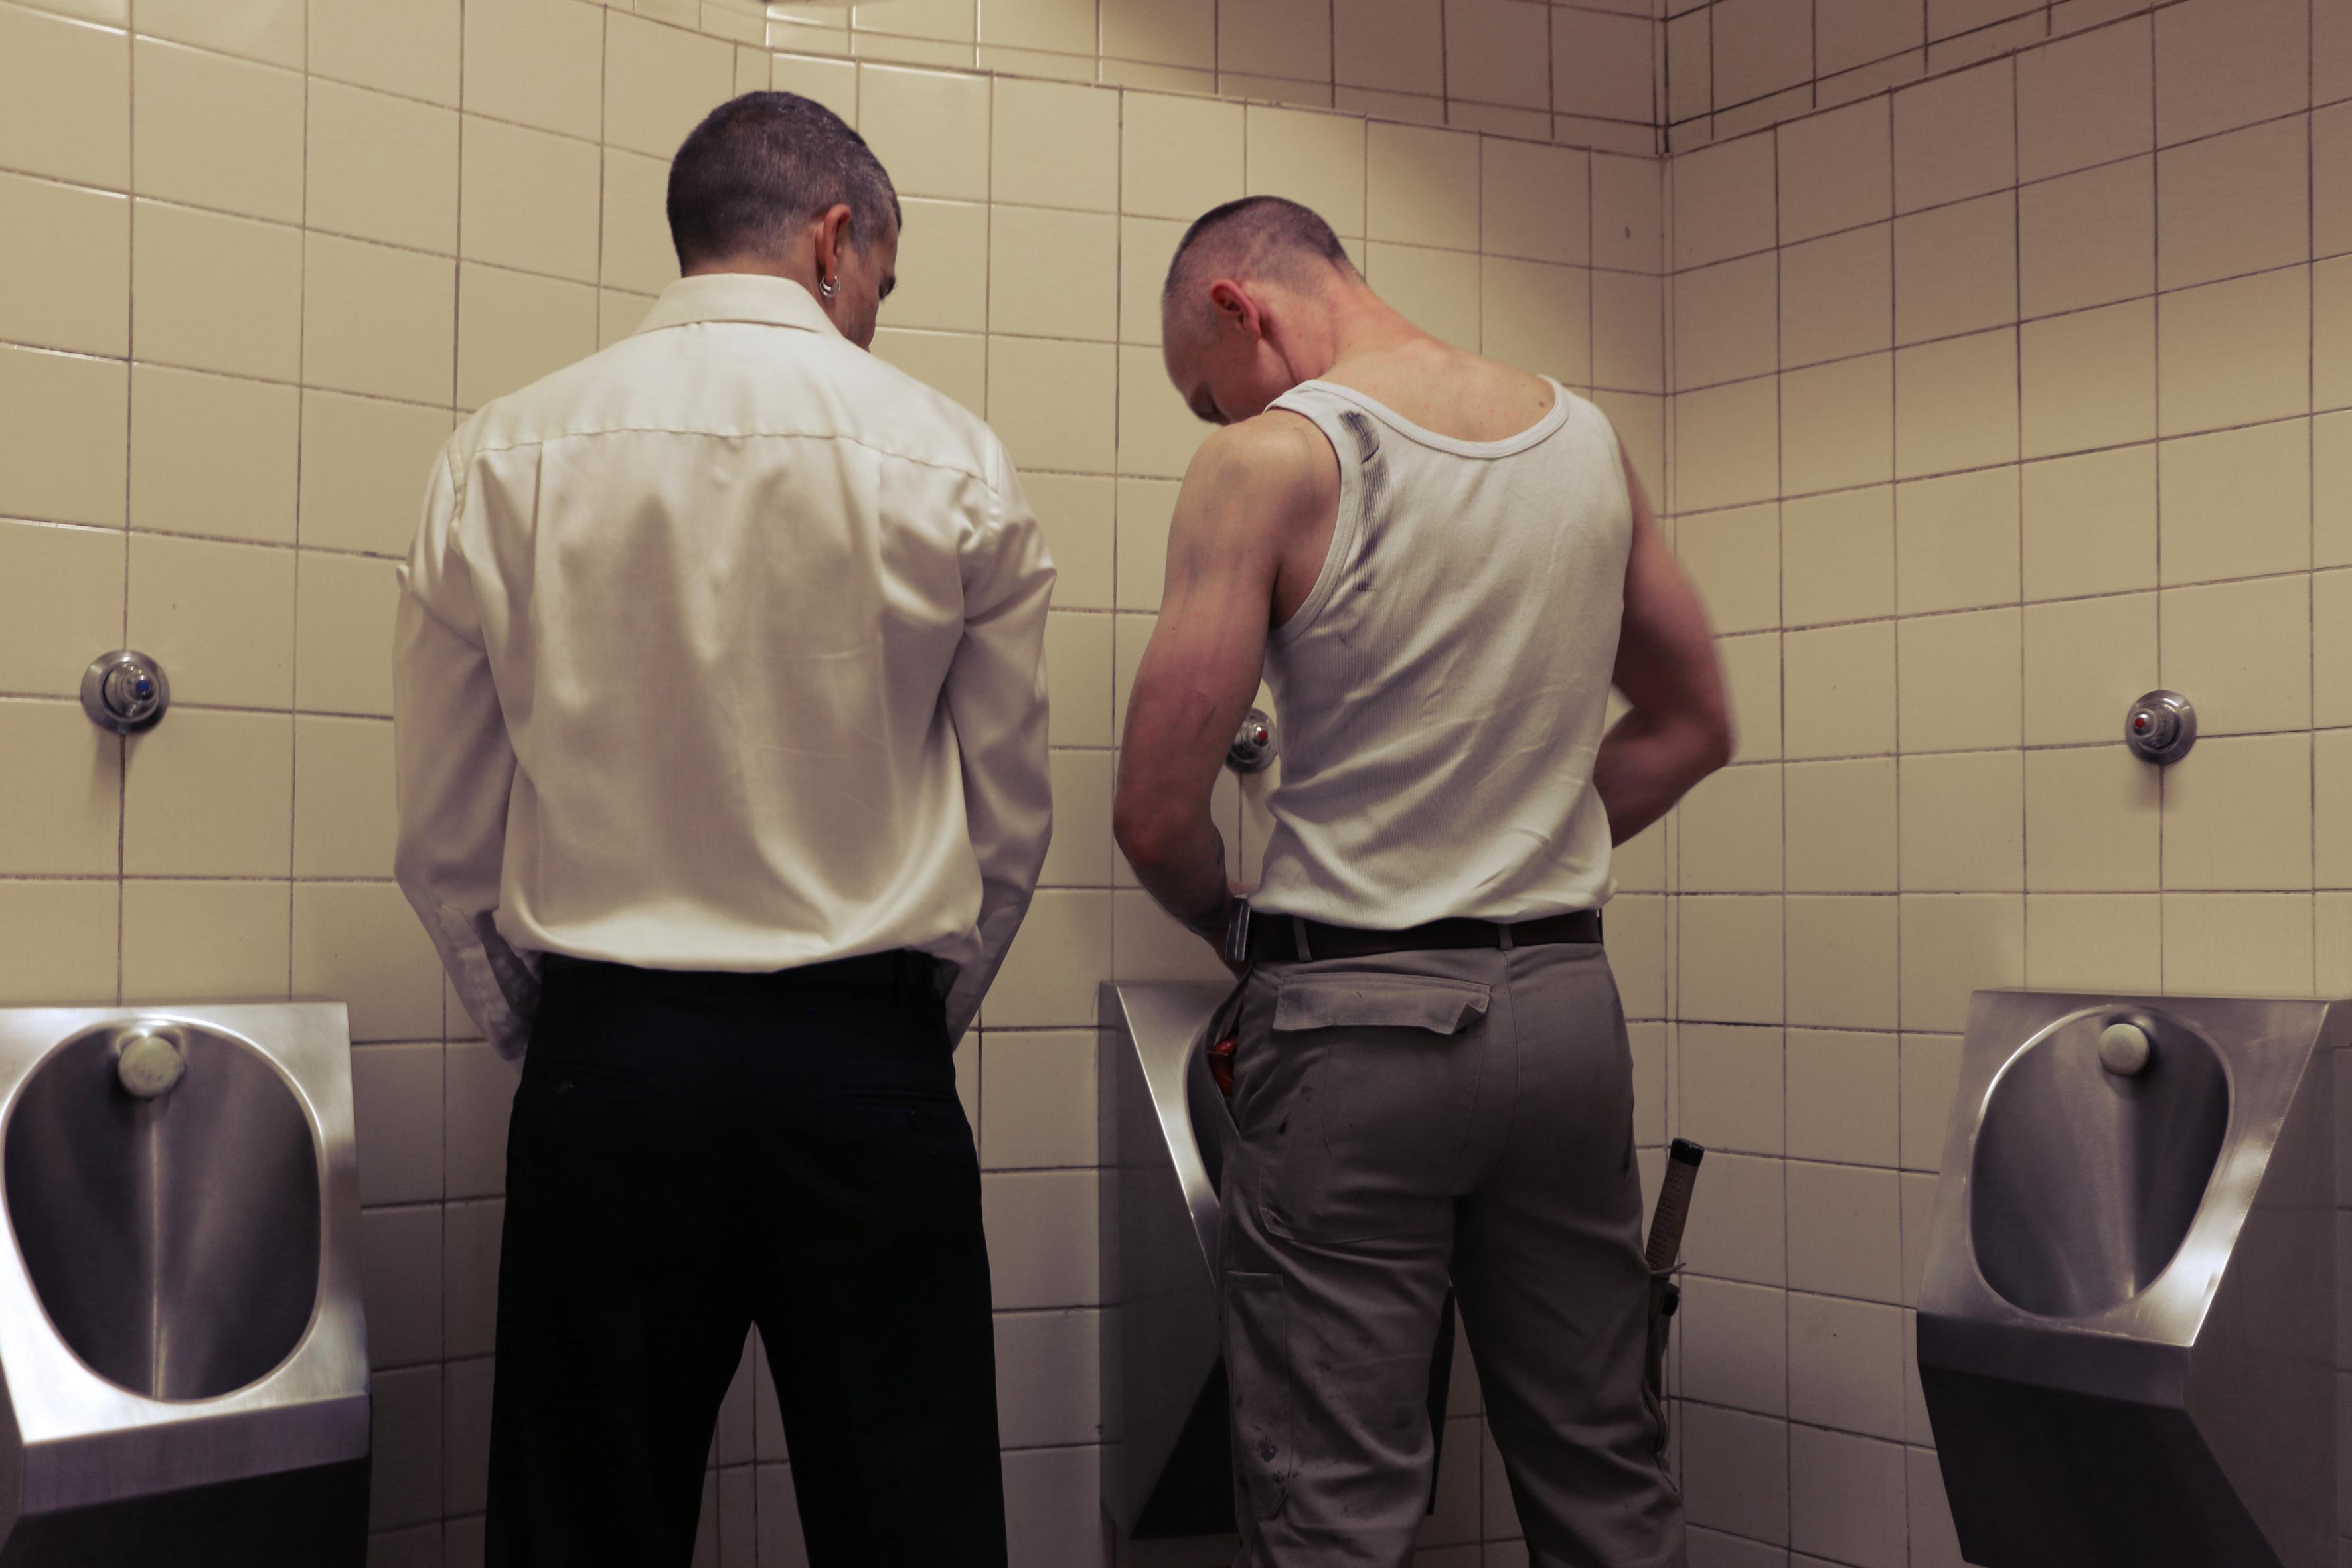 voyer men in shower naked